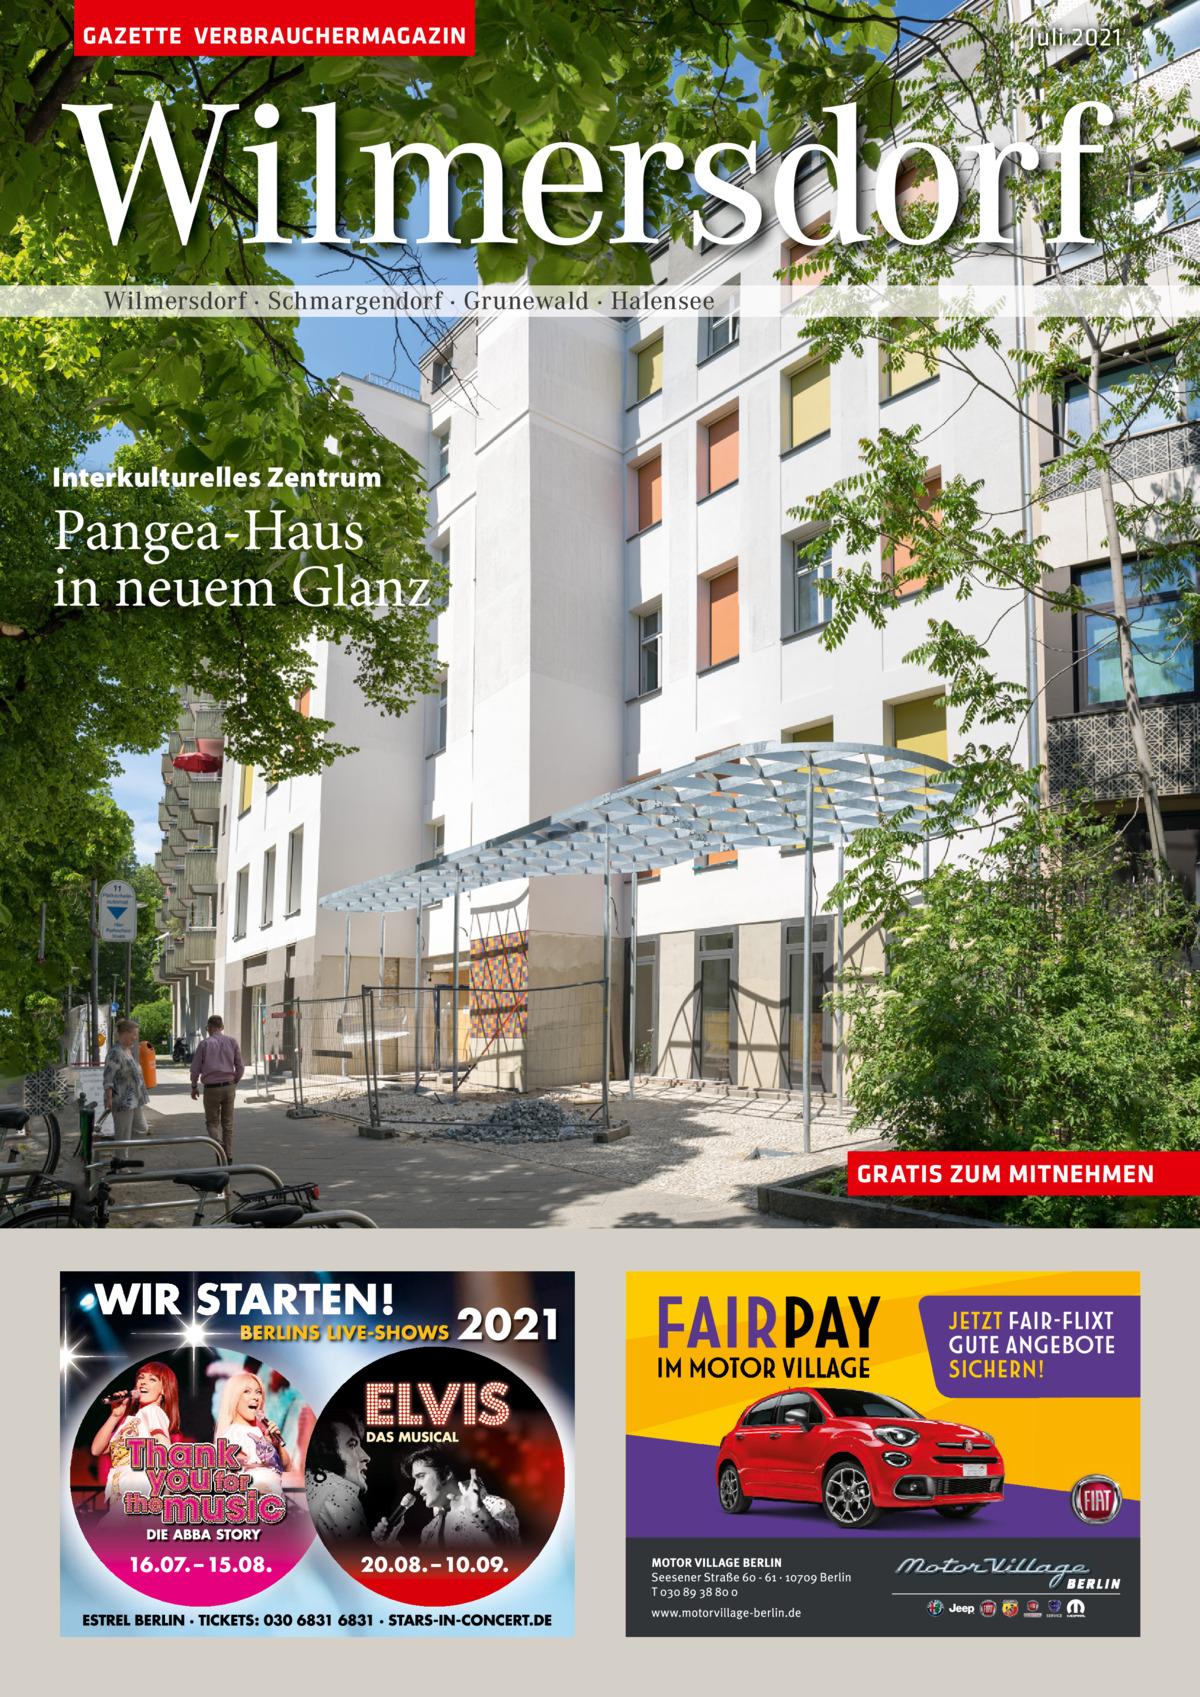 GAZETTE VERBRAUCHERMAGAZIN  Juli 2021  Wilmersdorf Wilmersdorf · Schmargendorf · Grunewald · Halensee  Interkulturelles Zentrum  Pangea-Haus in neuem Glanz  GRATIS ZUM MITNEHMEN